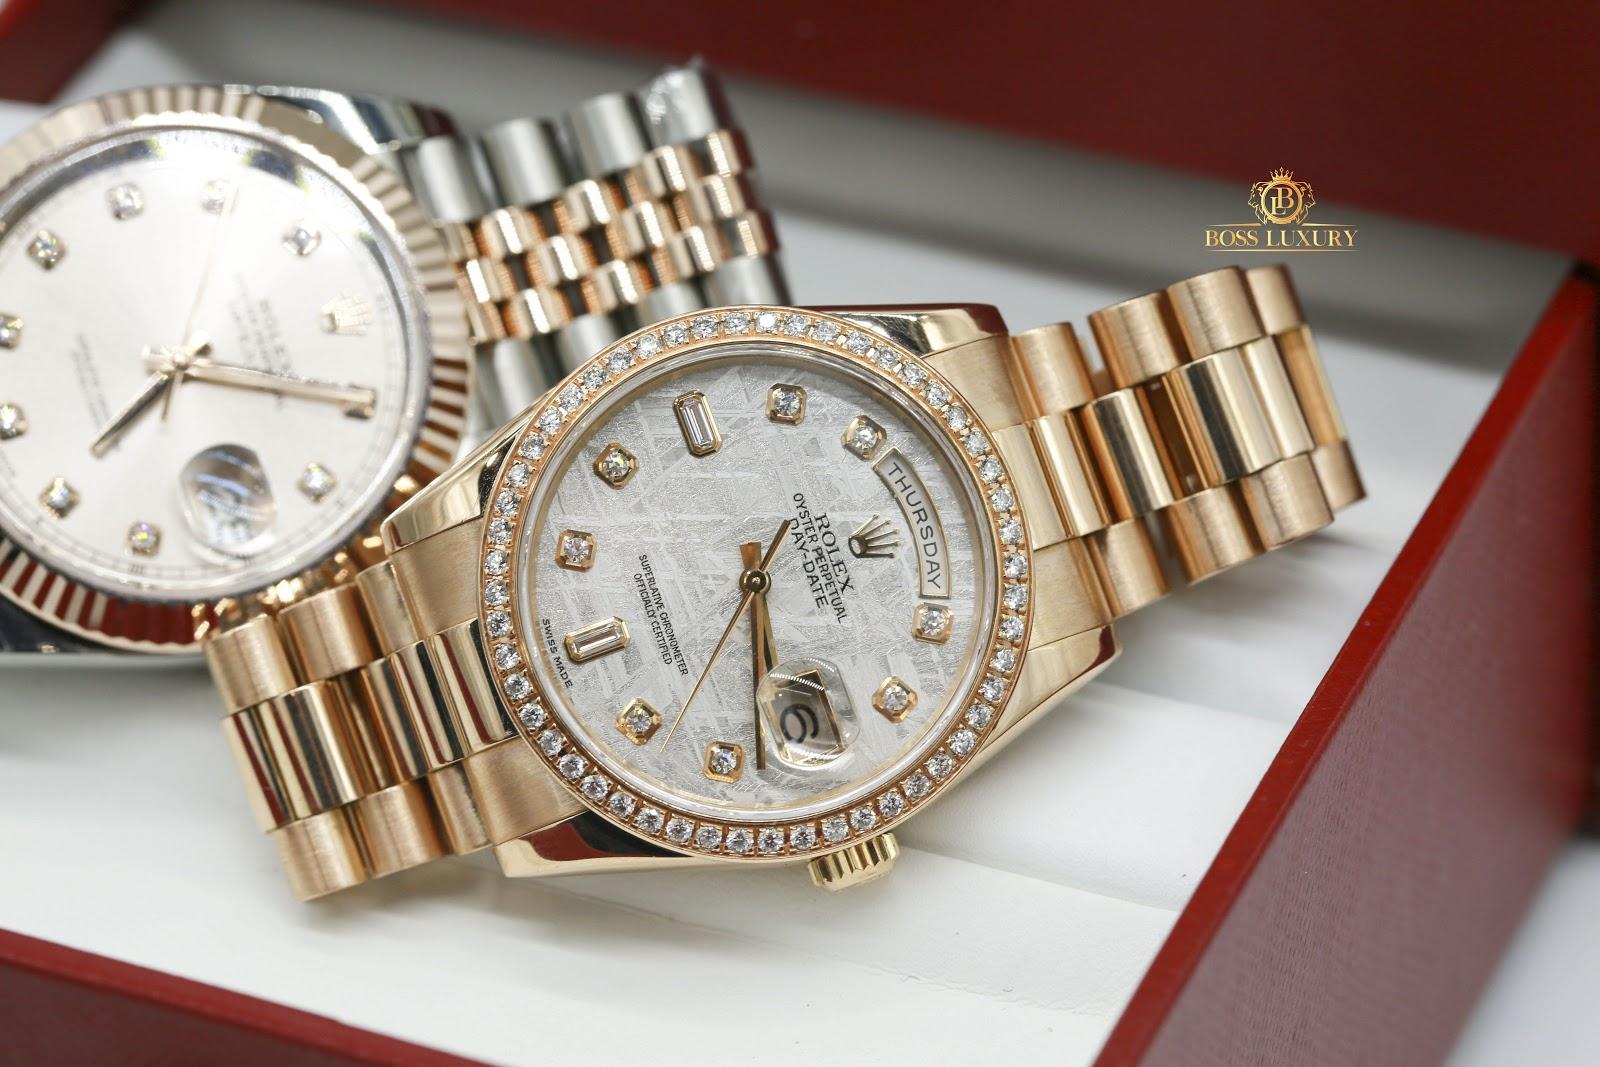 Cùng Boss Luxury cập nhật 5 xu hướng đồng hồ sang trọng không thể bỏ qua năm 2021 - Ảnh 2